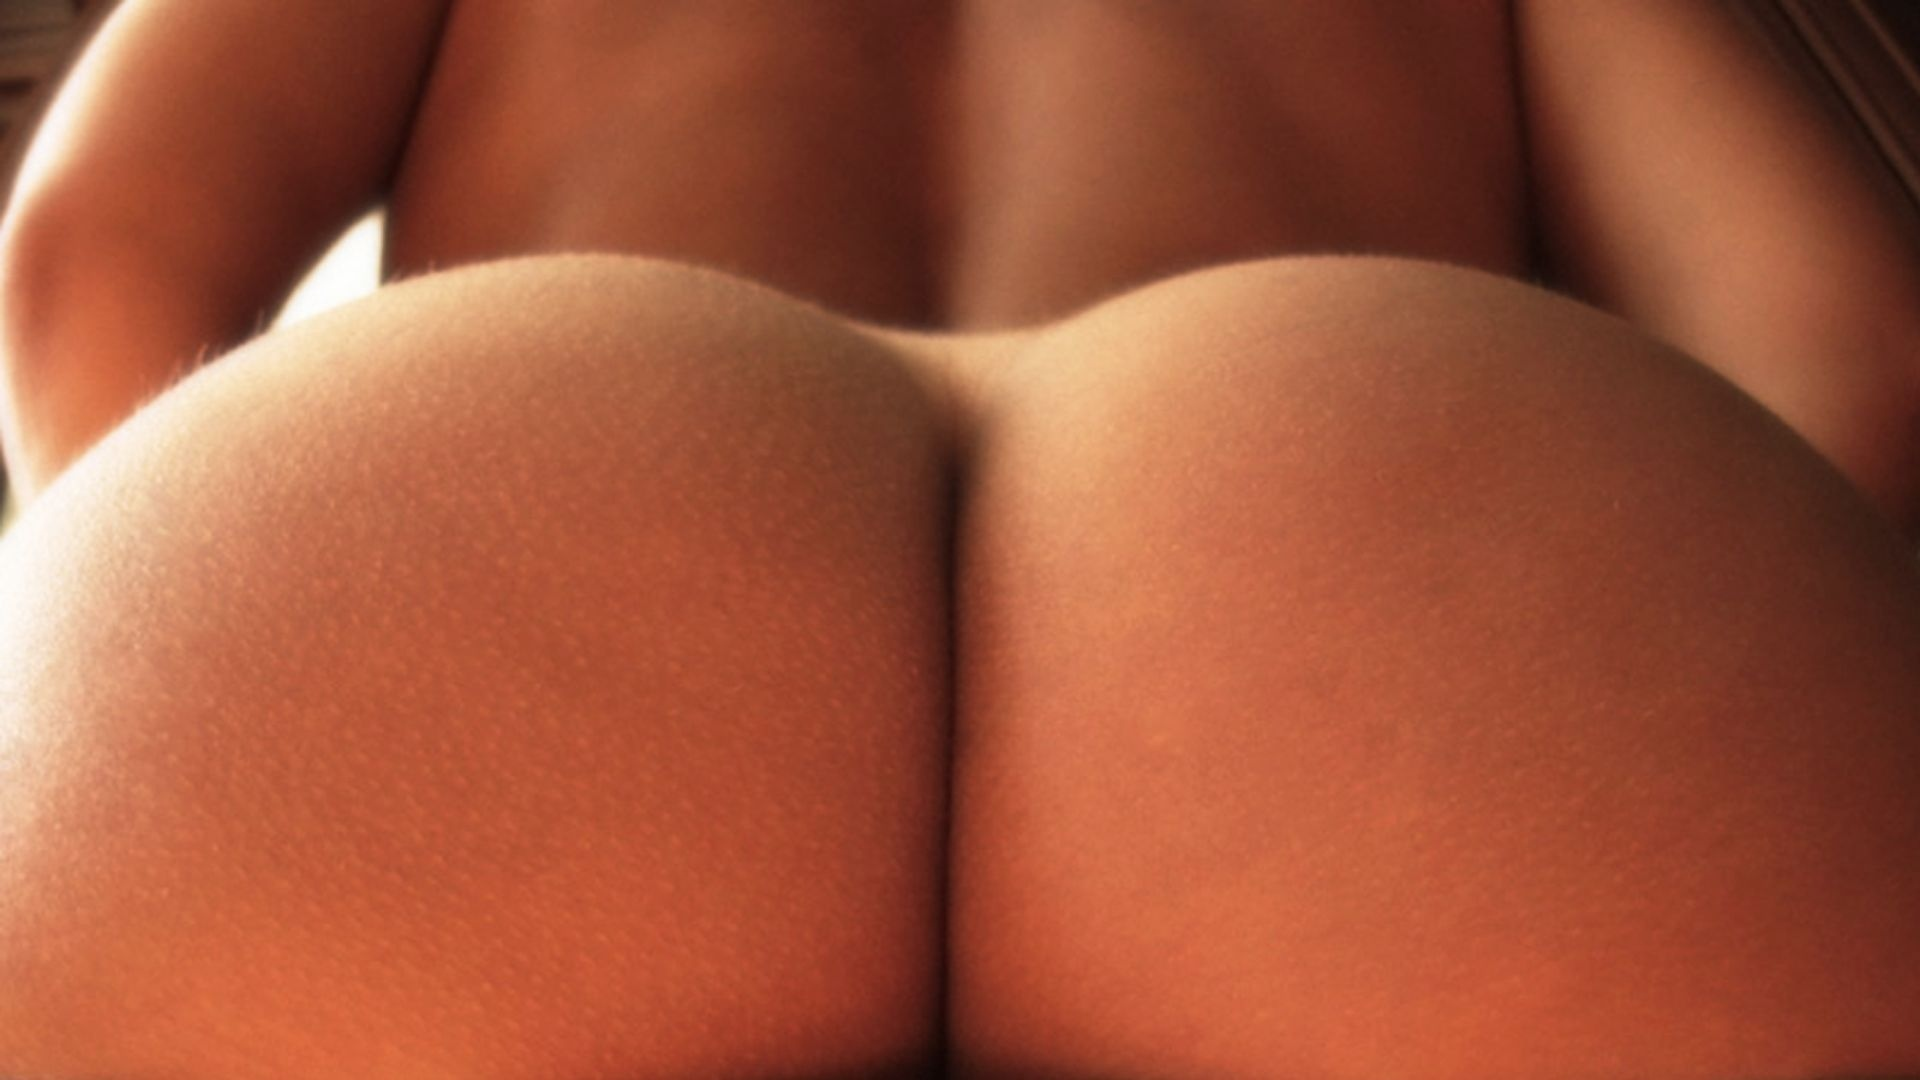 Фото голых попок крупным планом смотреть бесплатно 21 фотография